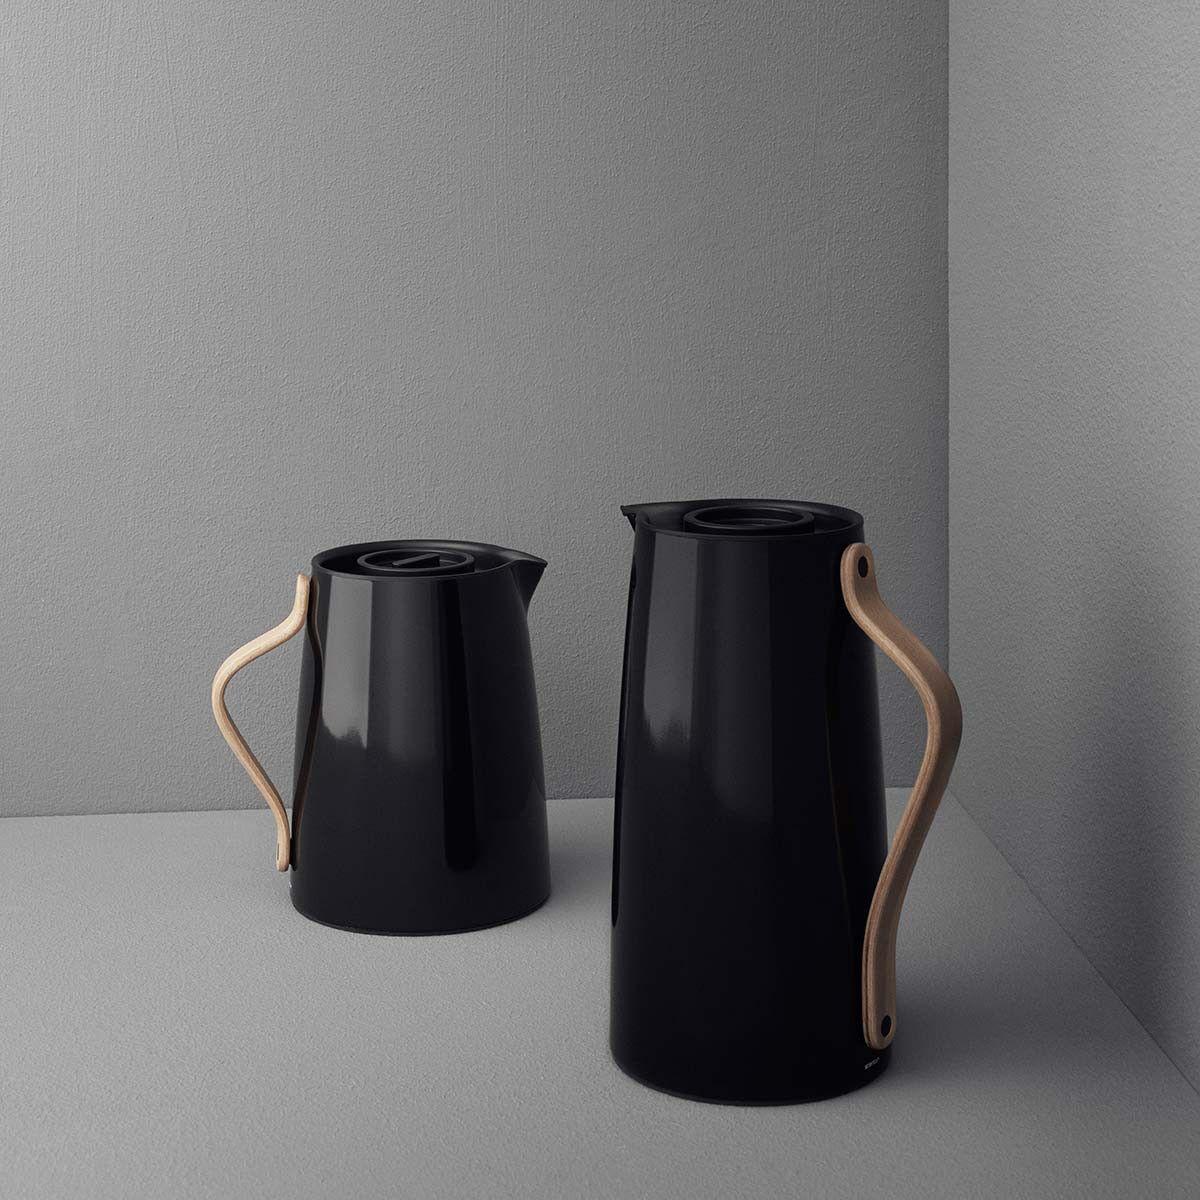 Stelton Emma Electric kettle Grey